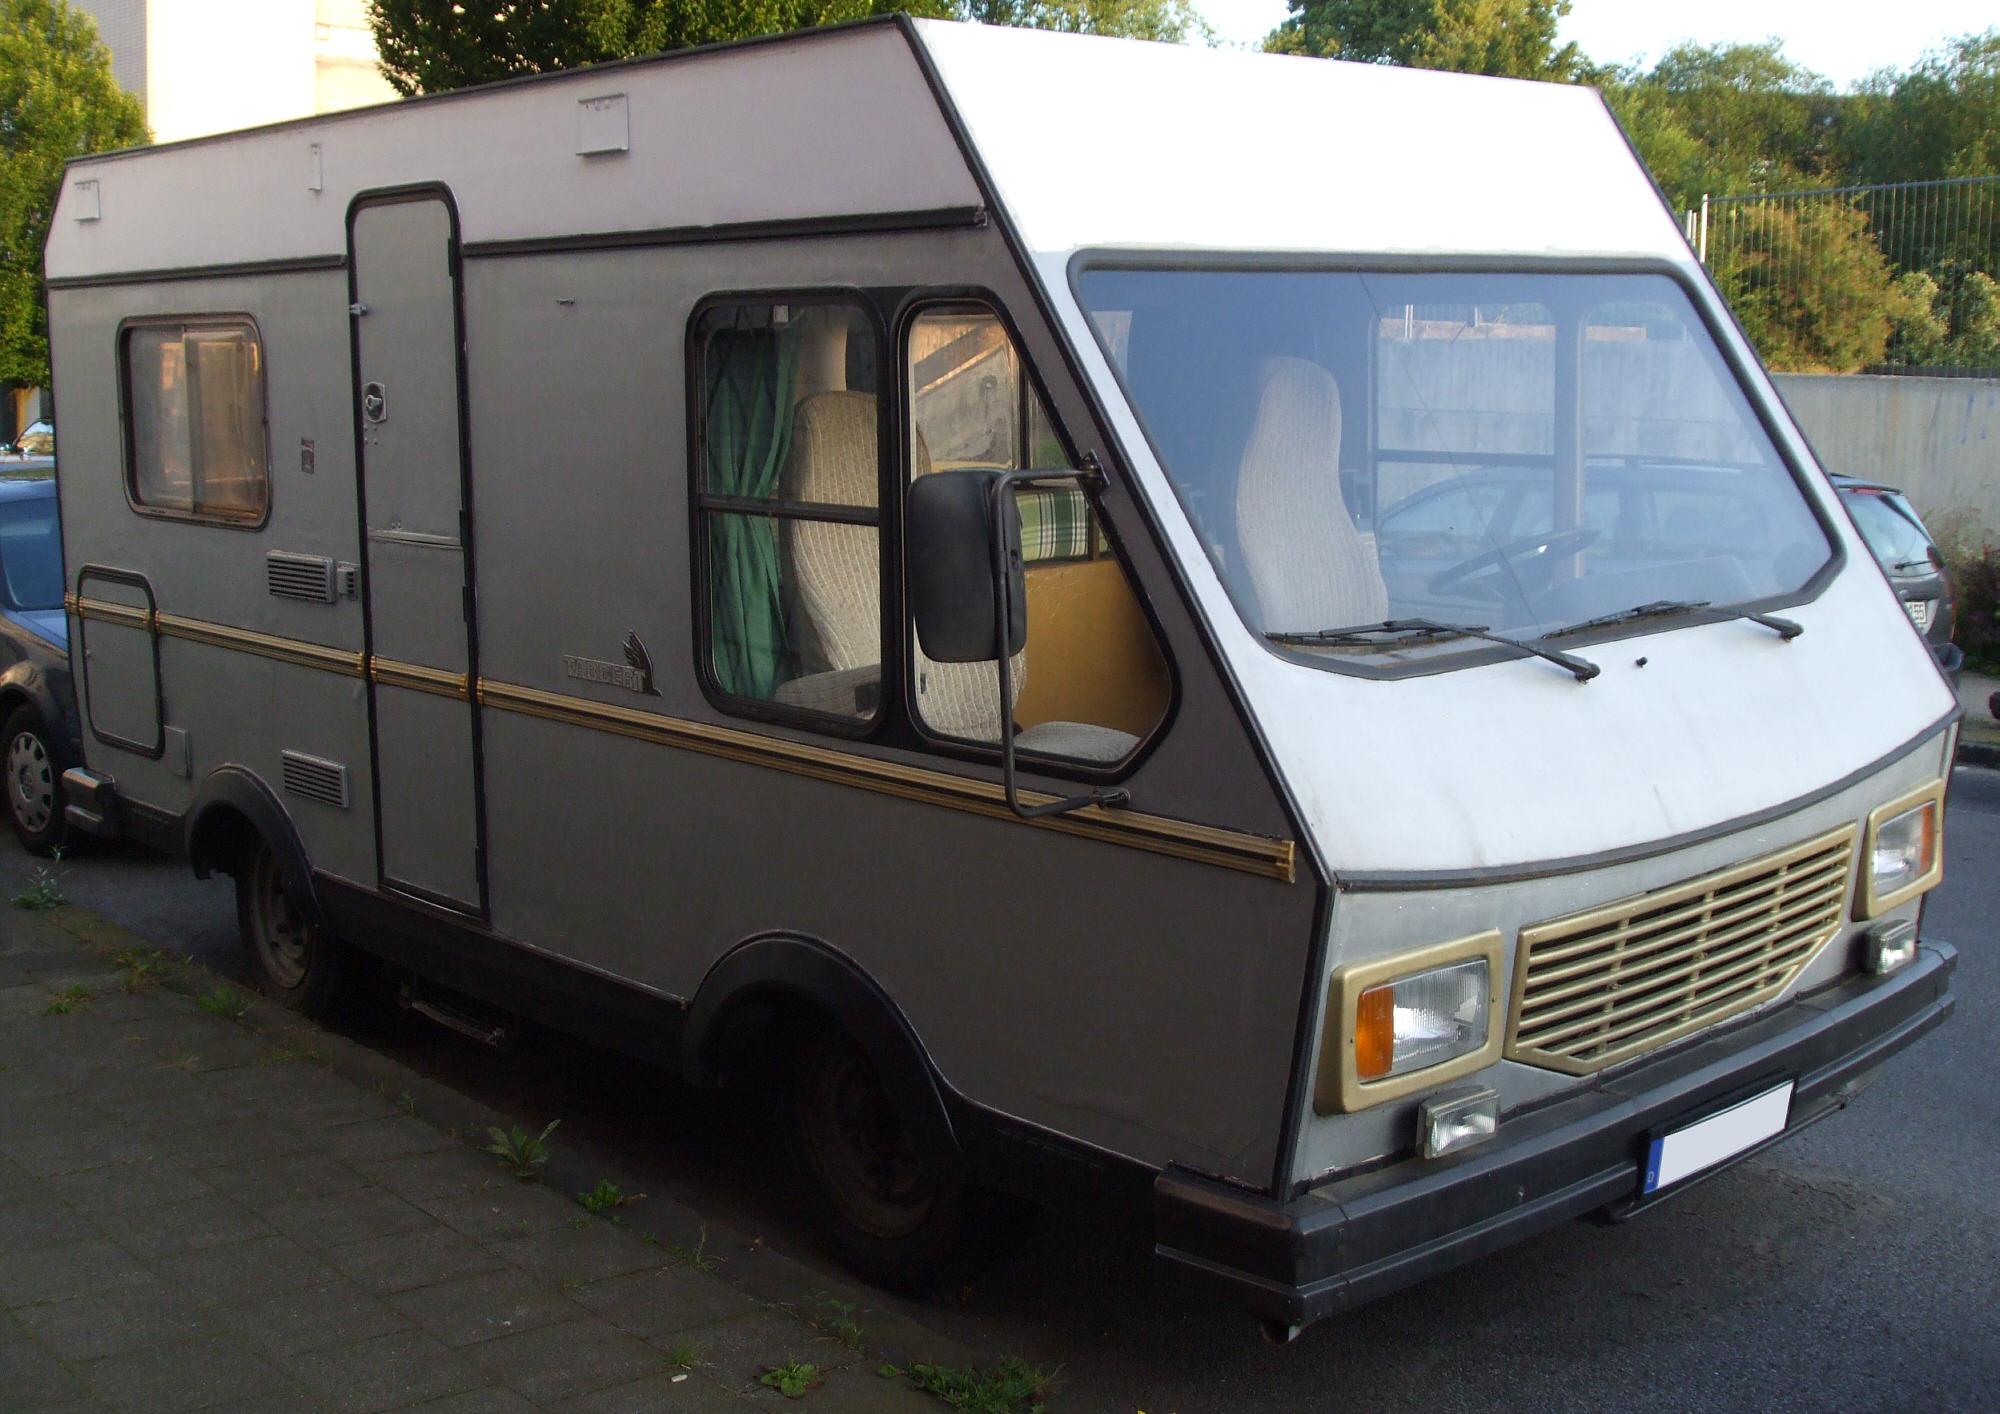 File:Altes Peugeot-Tabbert-Wohnmobil vr.jpg - Wikimedia Commons